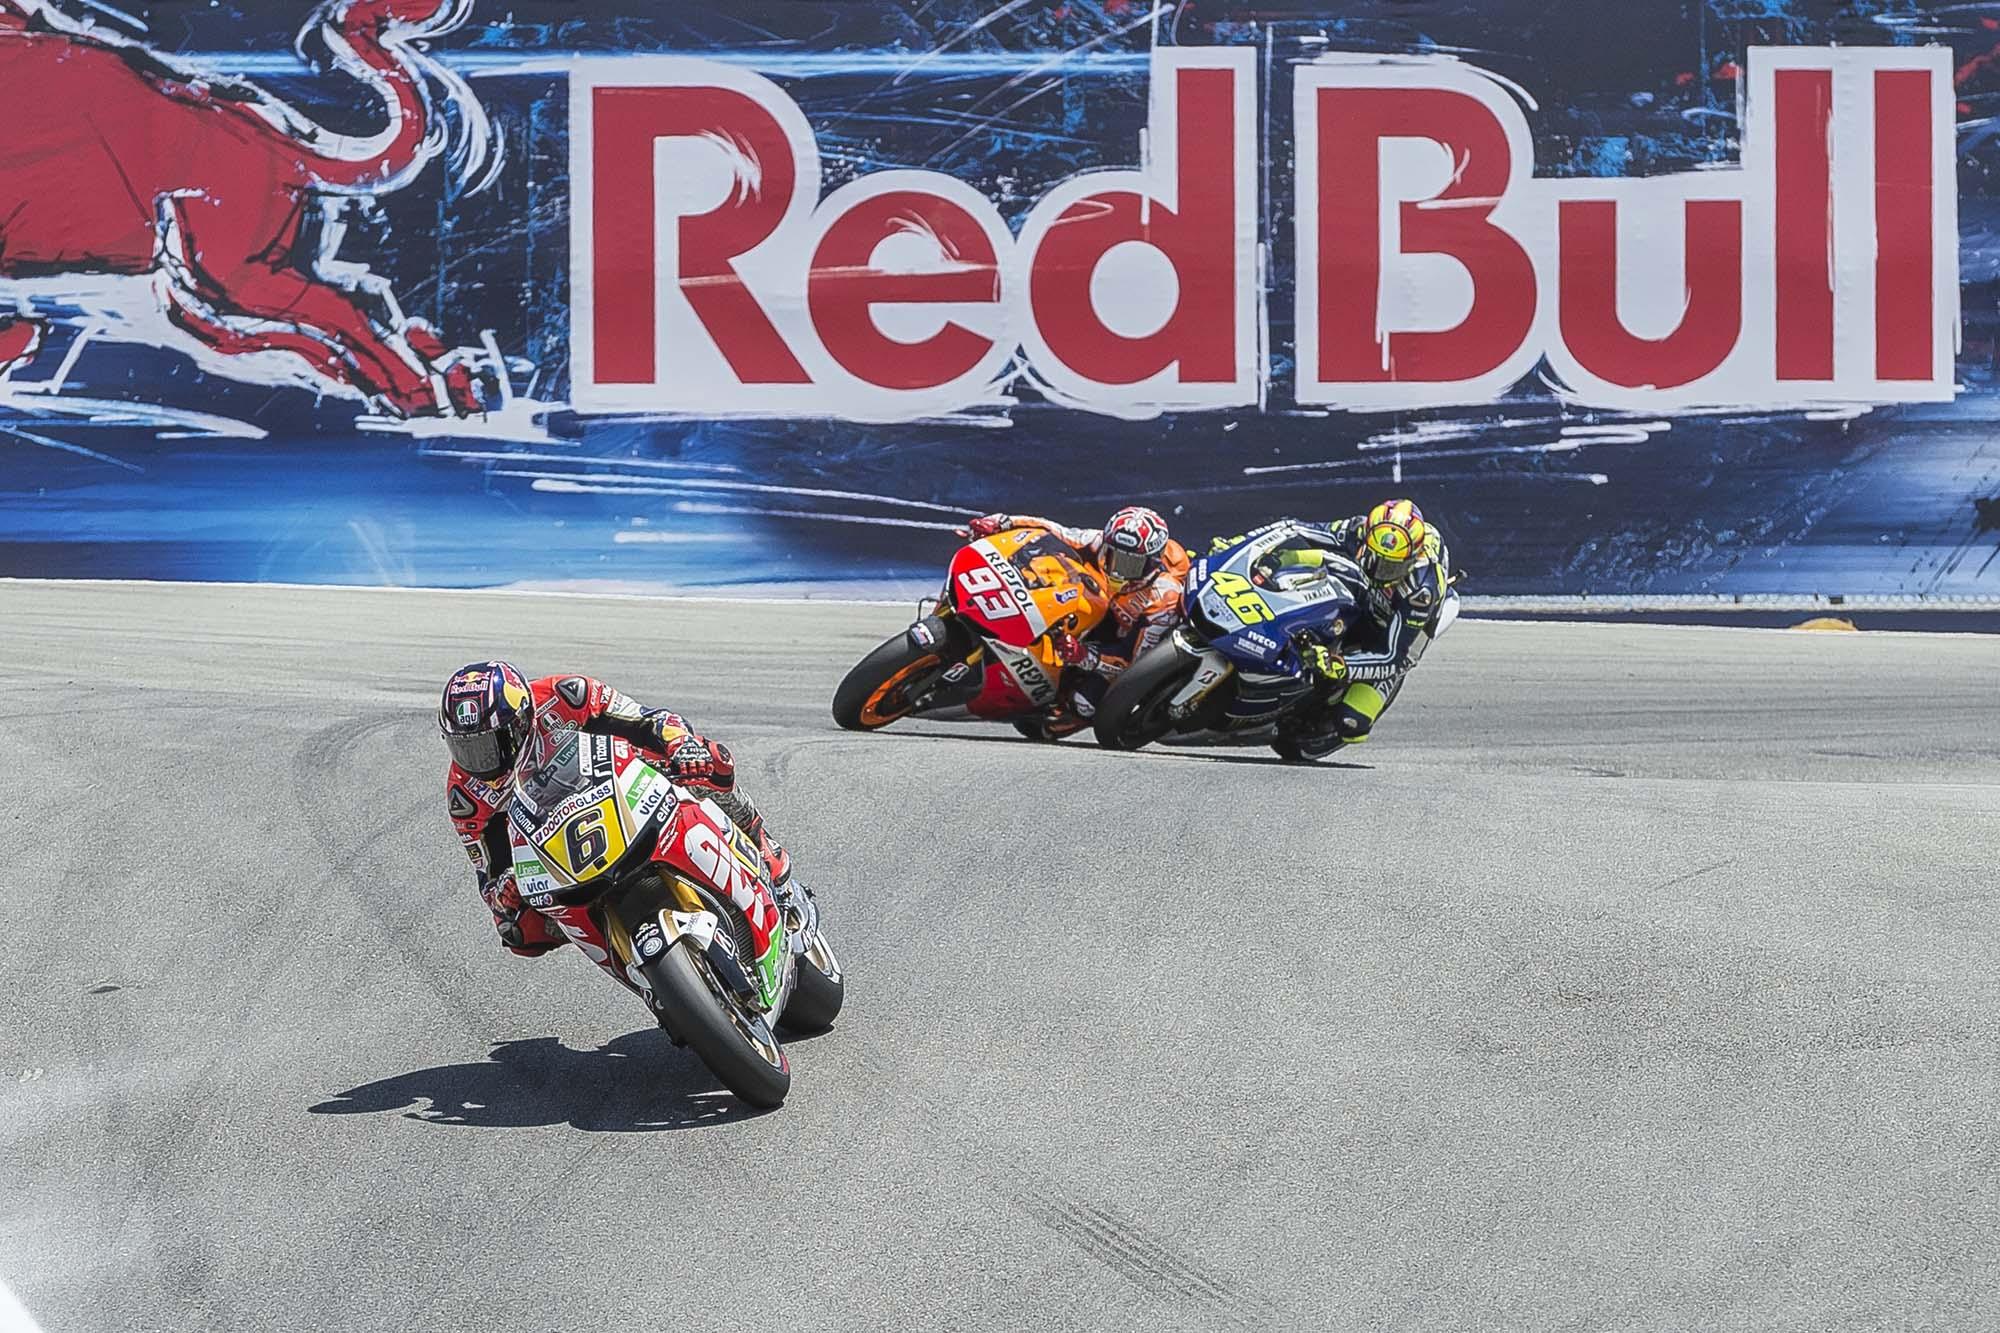 Photos: Marc Marquez Passing Valentino Rossi in The Corkscrew at Laguna Seca - Asphalt & Rubber